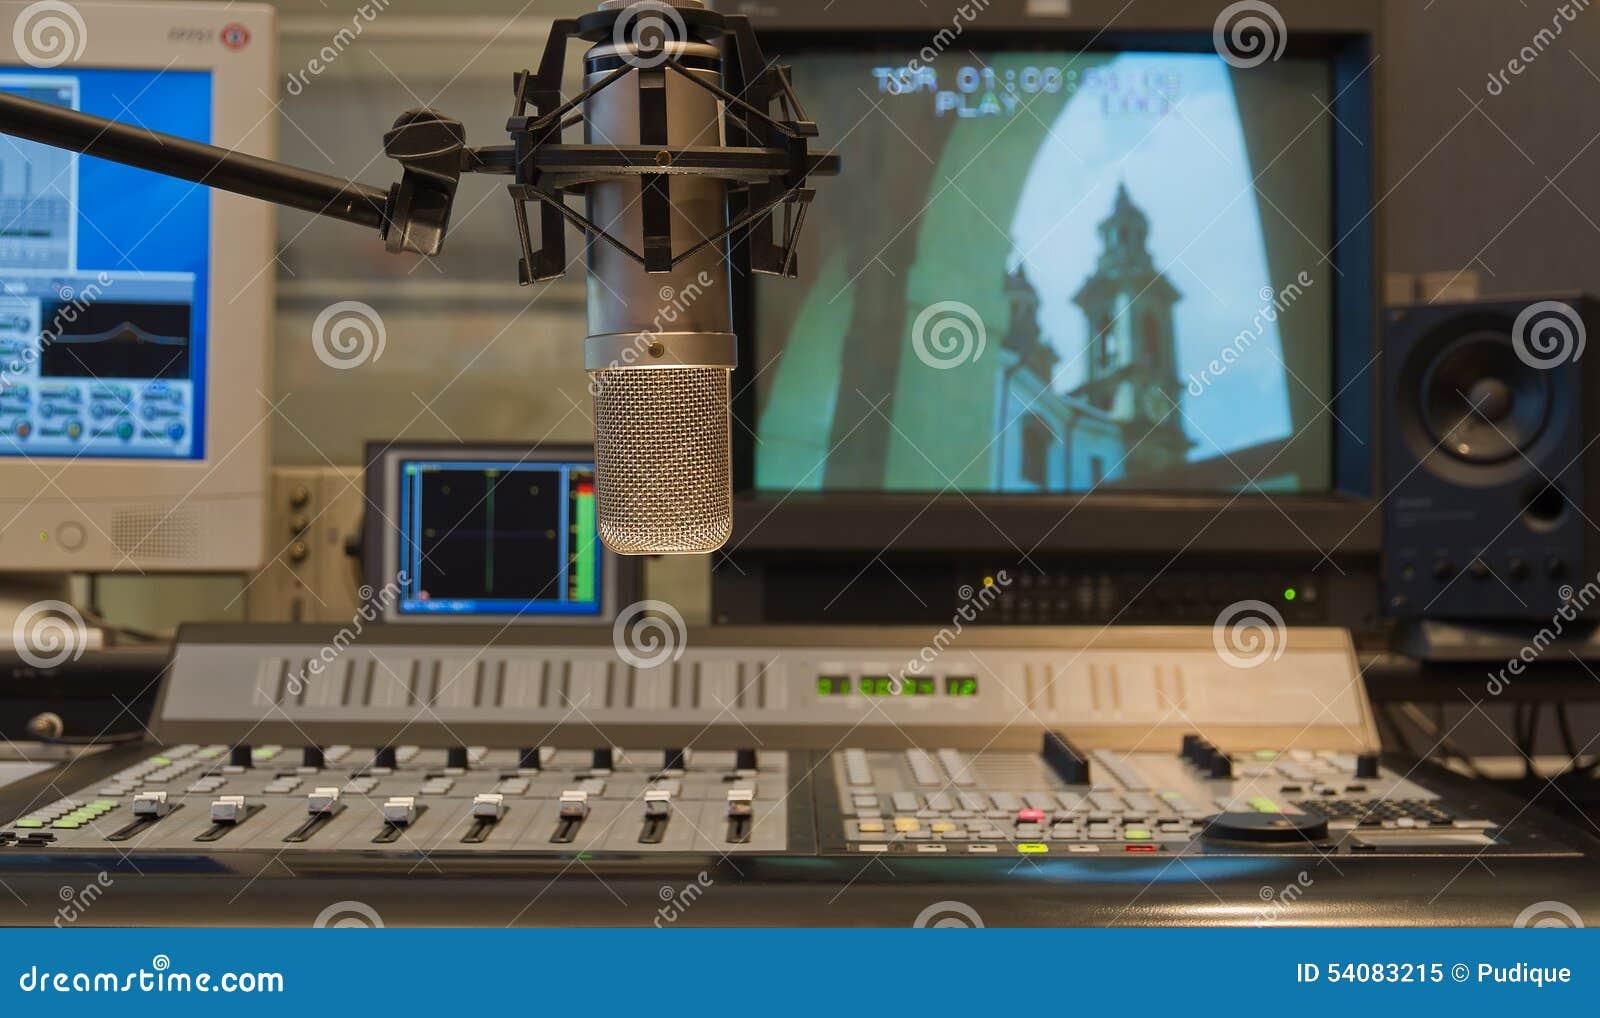 Condensatormicrofoon in TV-het binnenland van de productiestudio